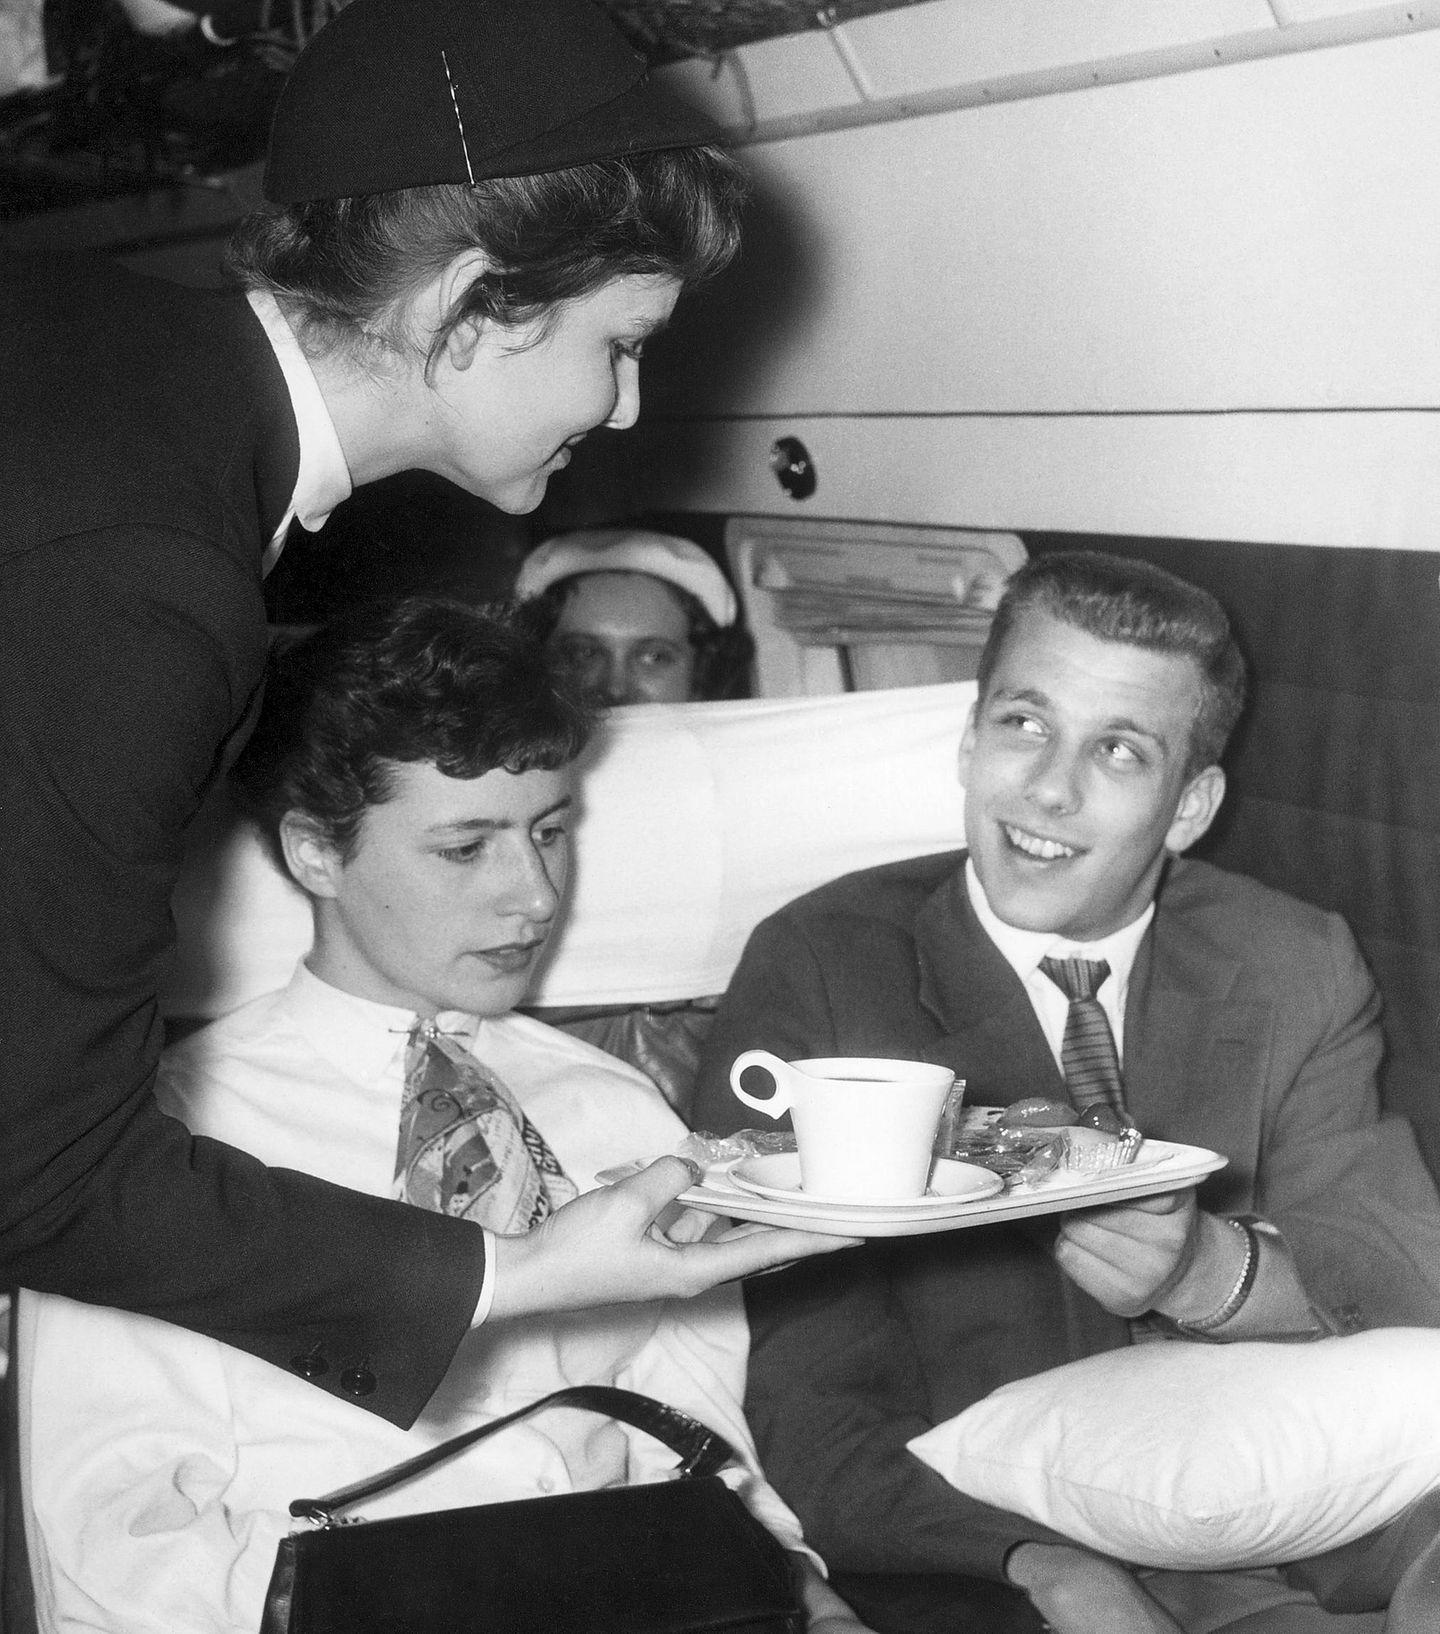 Bordservice in den Anfangsjahren der Vickers mit 36 Sitzen: Statt Klapptischen dienten Kissen als Unterlage für die Tabletts